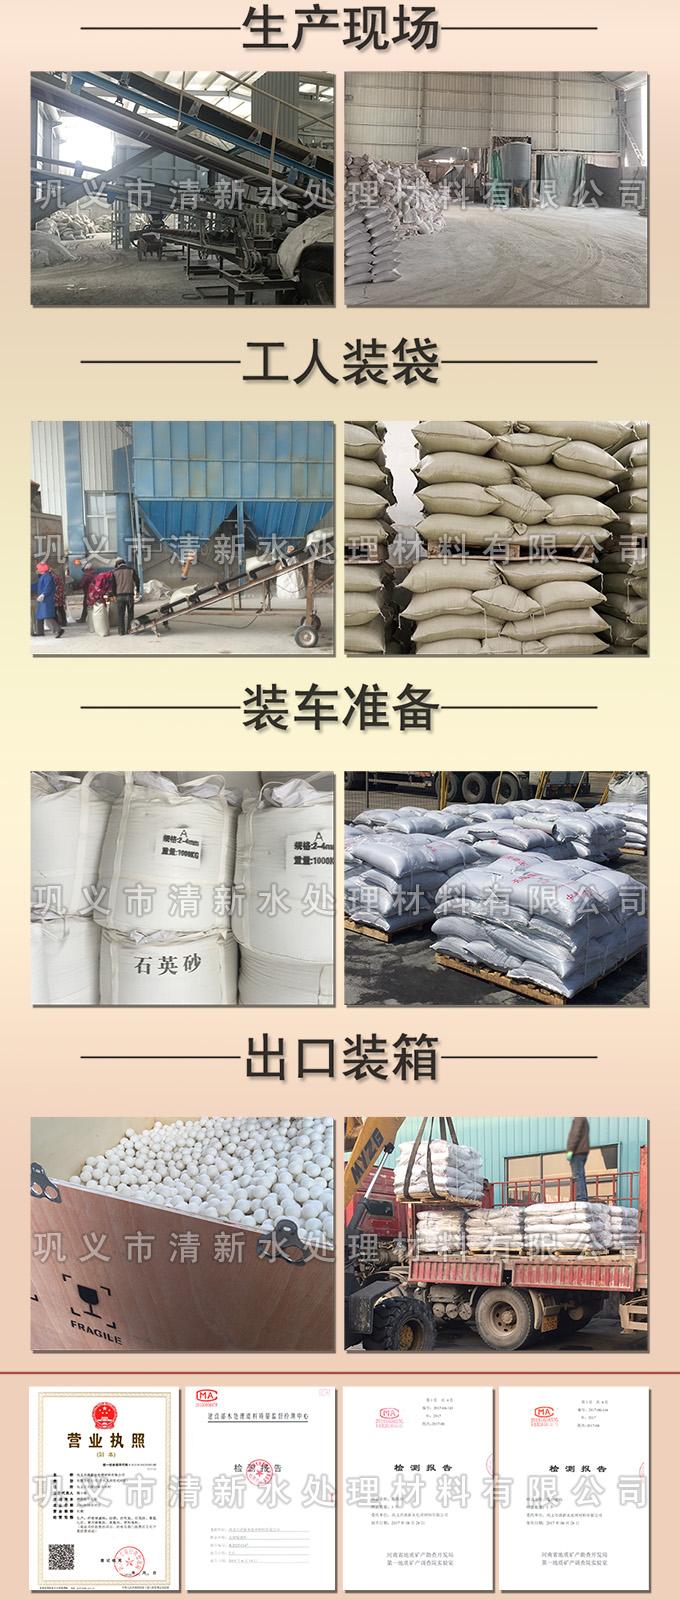 锰砂雷竞技官网生产厂家15238002868